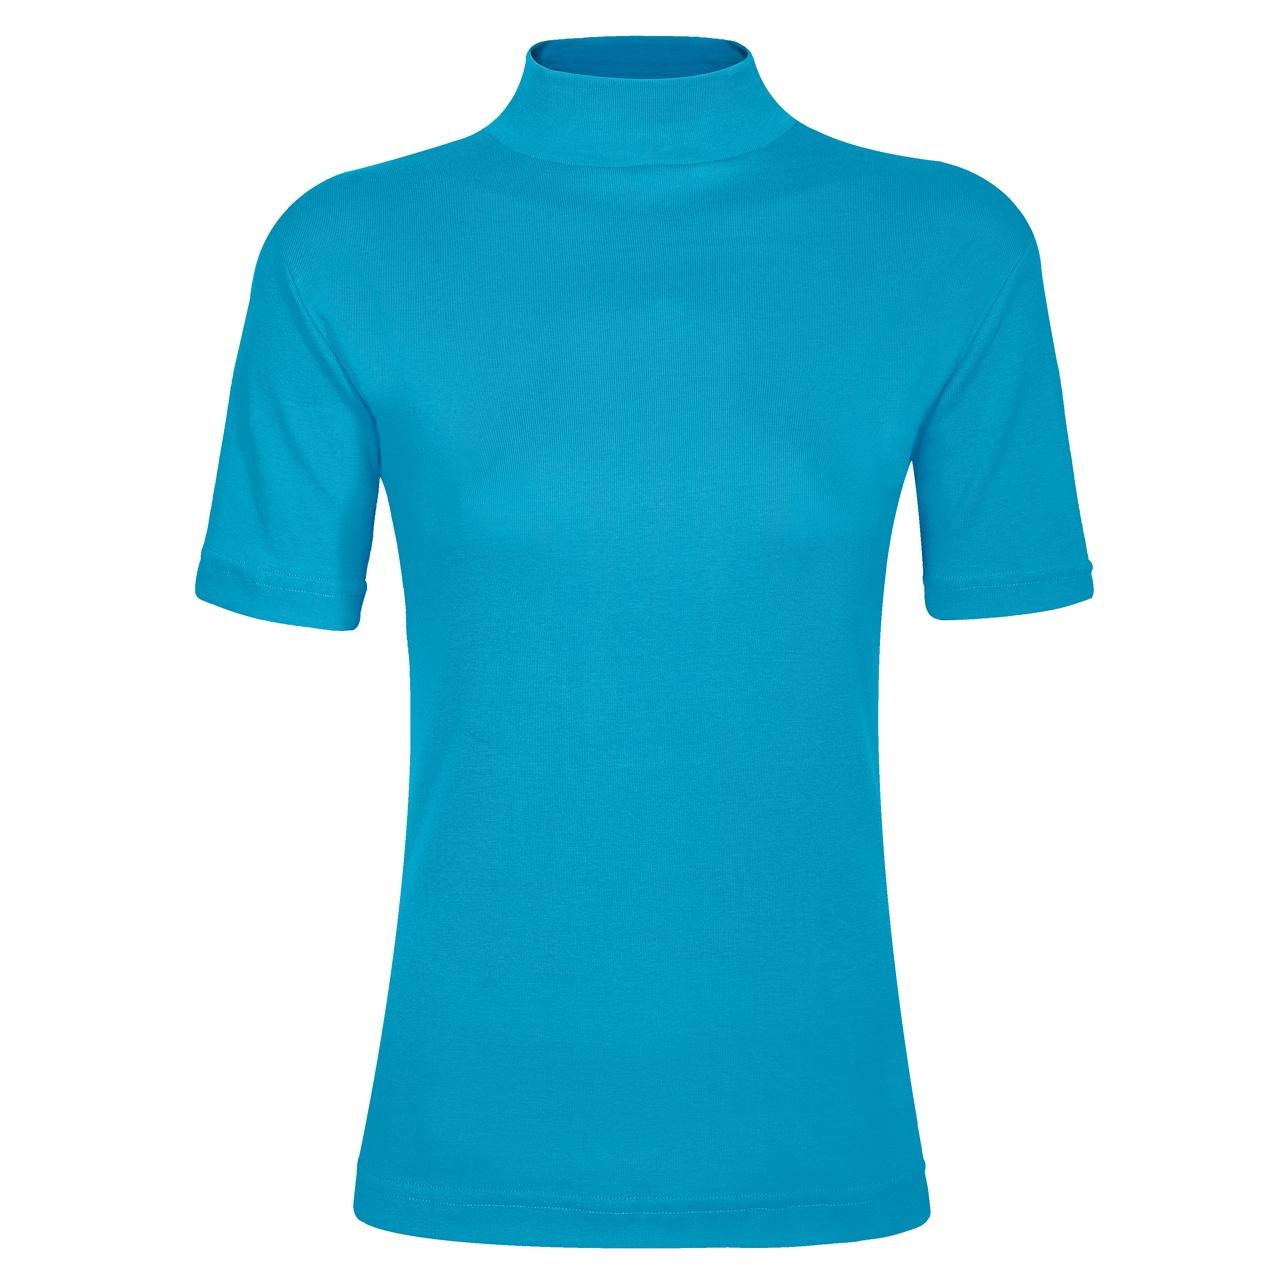 تی شرت زنانه ساروک مدل TZY5cm13 رنگ آبی فیروزه ای